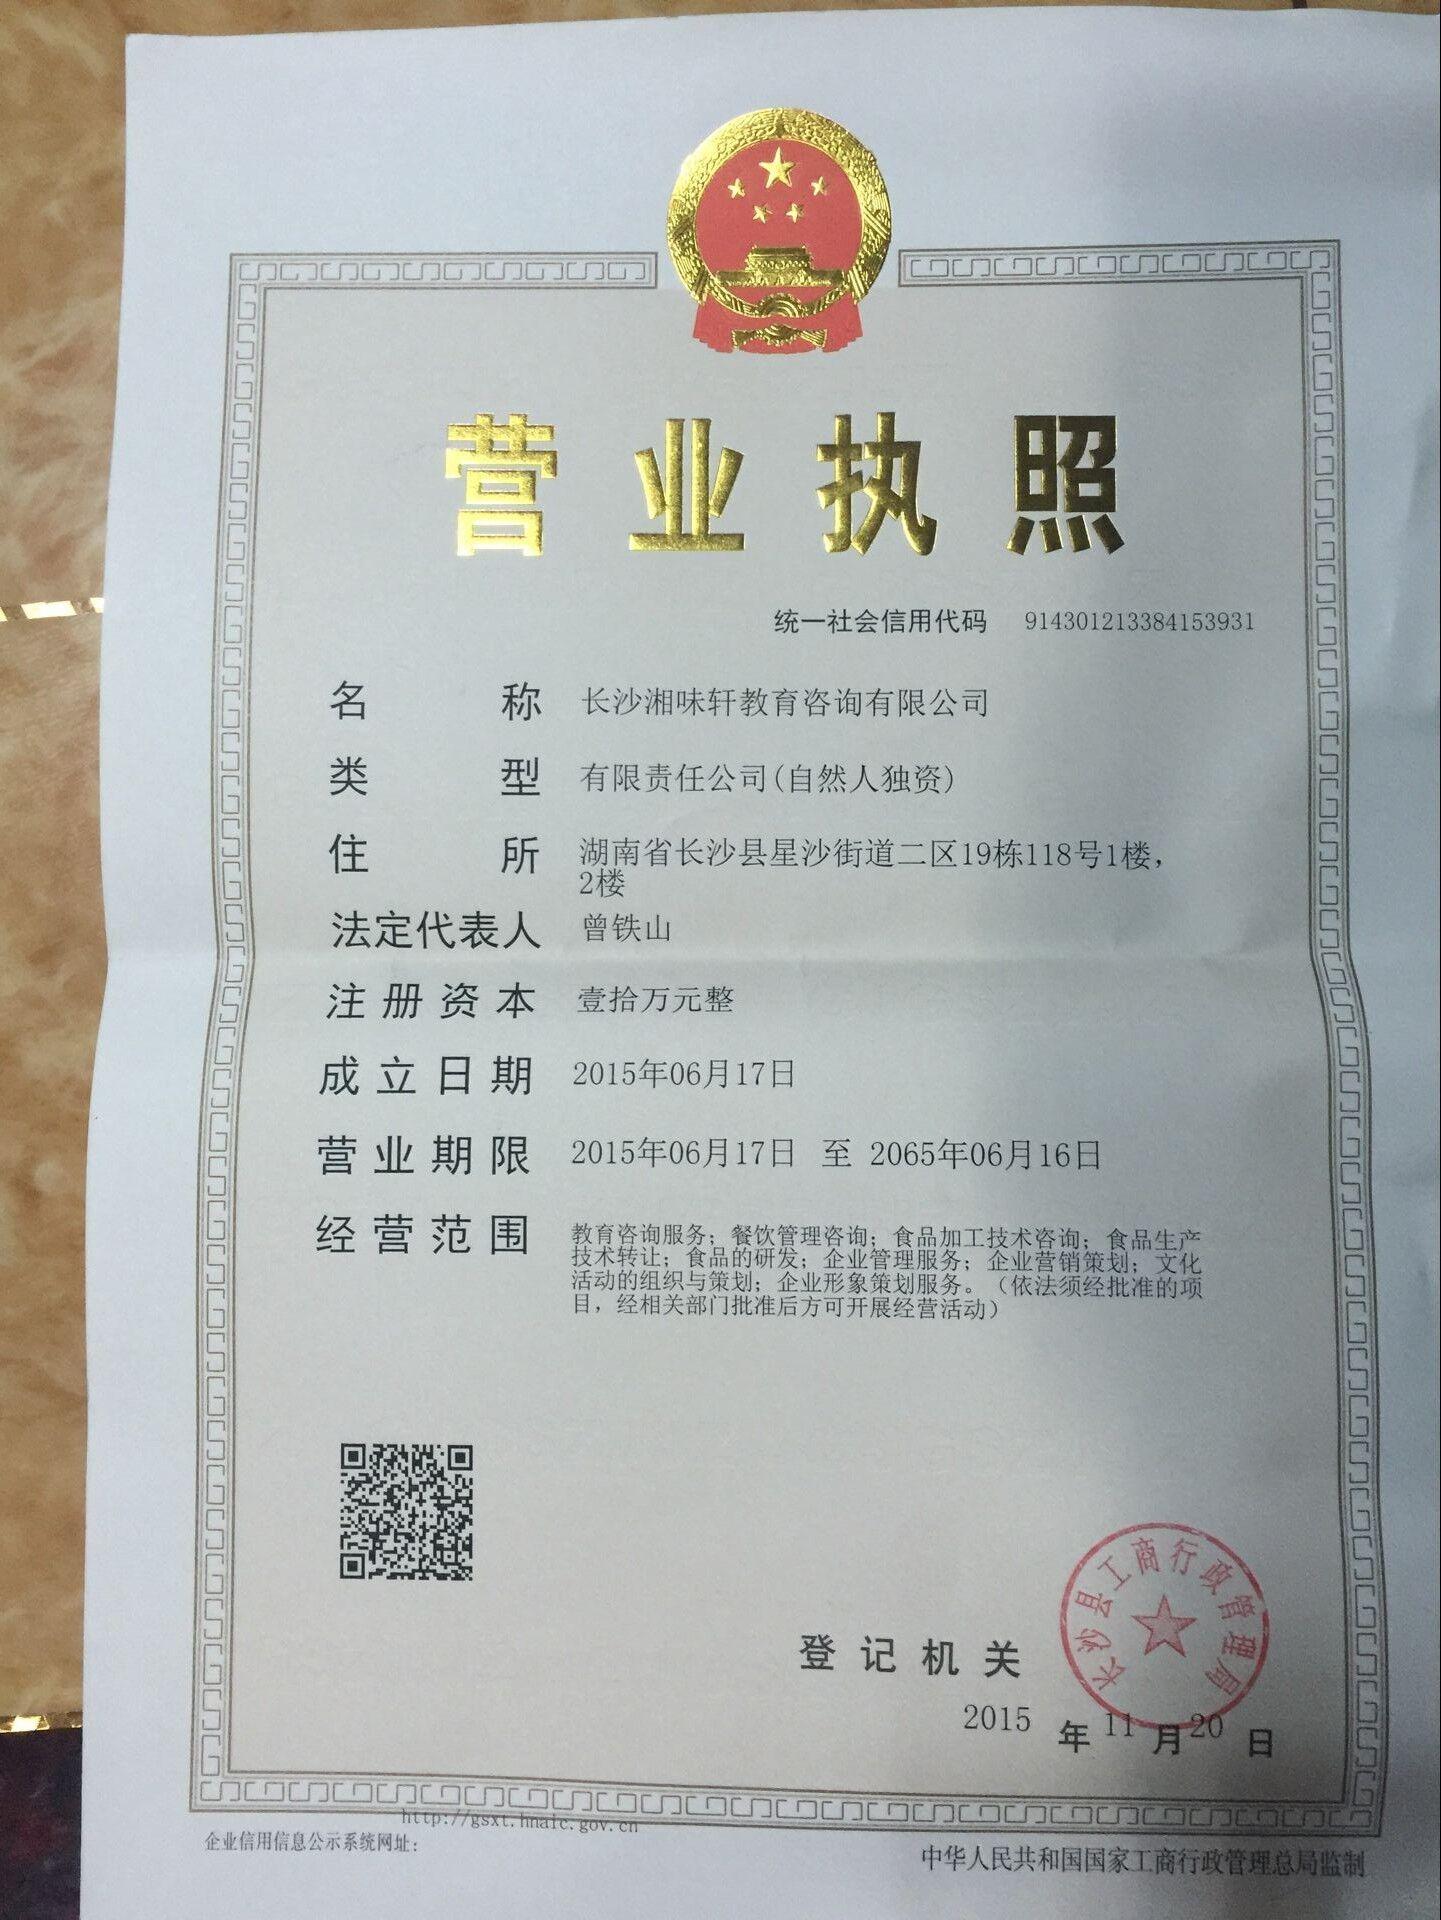 北京老家肉饼加盟_肉饼加盟品牌_肉饼加盟排行榜-项目网|第1页